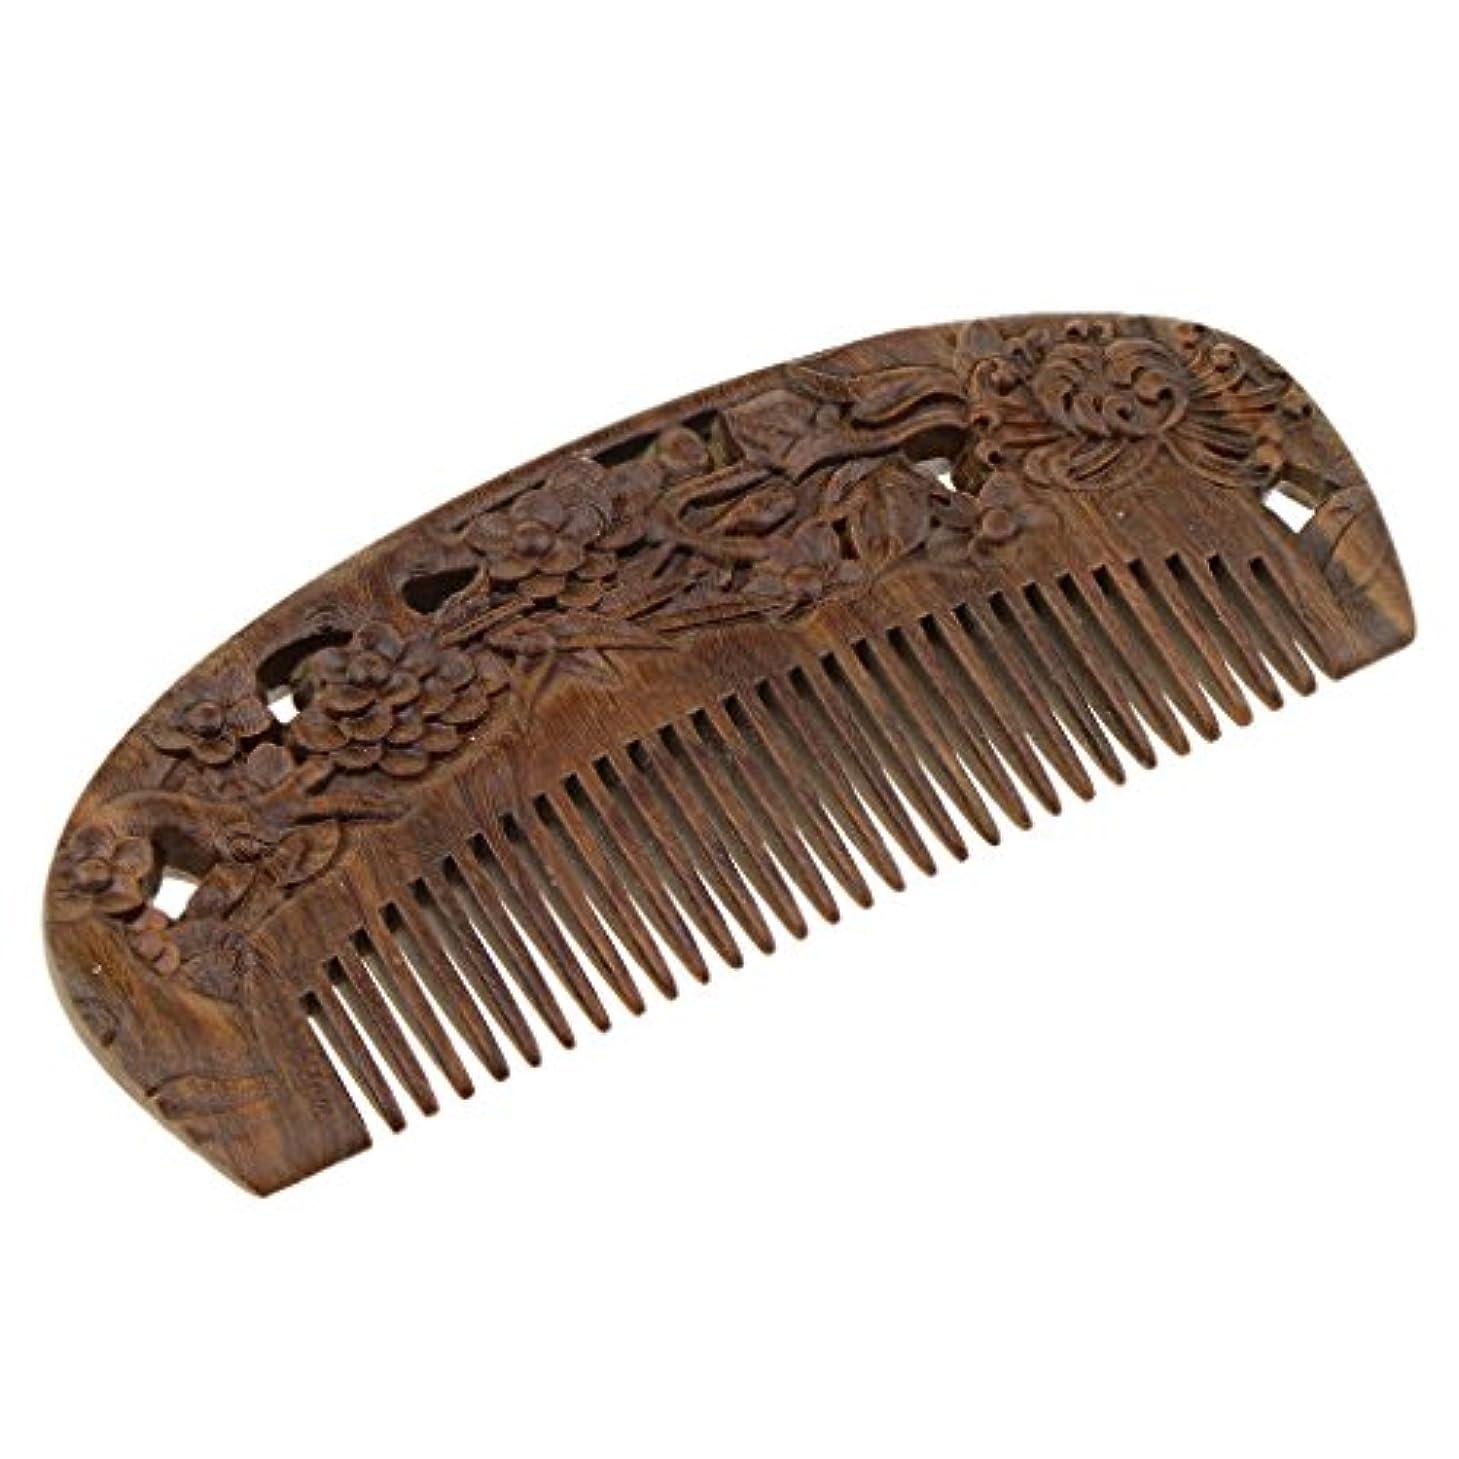 マイル光電コートヘアコーム 木製櫛 頭皮マッサージ 櫛 プレゼント レトロ イプ選べる - #2